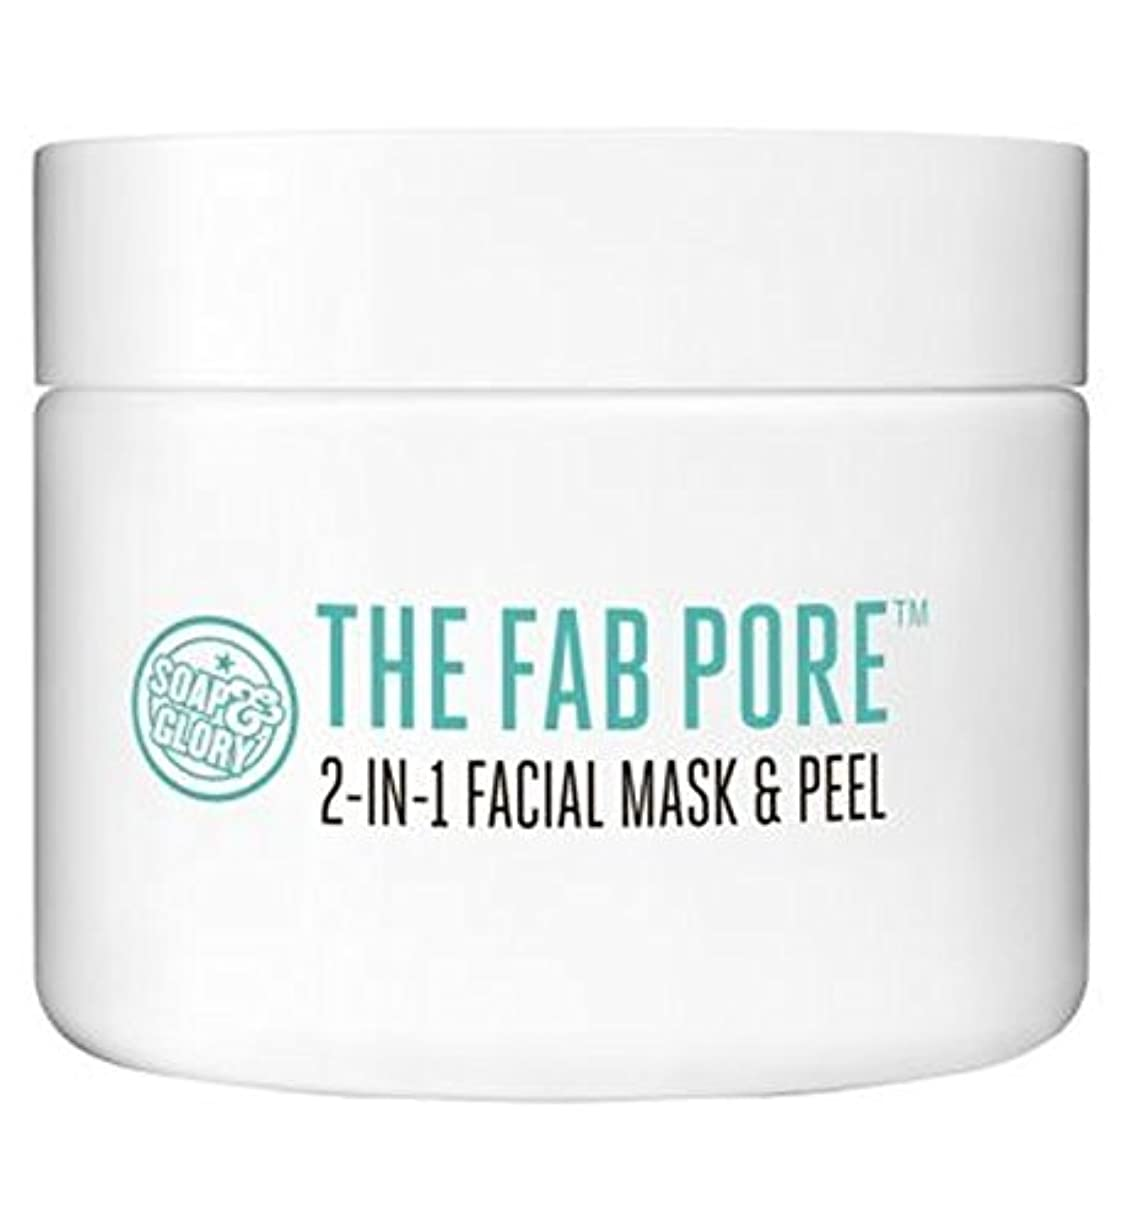 手がかりジェム硫黄Soap & Glory? Fab Pore? 2-in-1 Facial Pore Purifying Mask & Peel - ファブ細孔?2イン1顔の細孔浄化マスク&ピール?石鹸&栄光 (Soap & Glory...